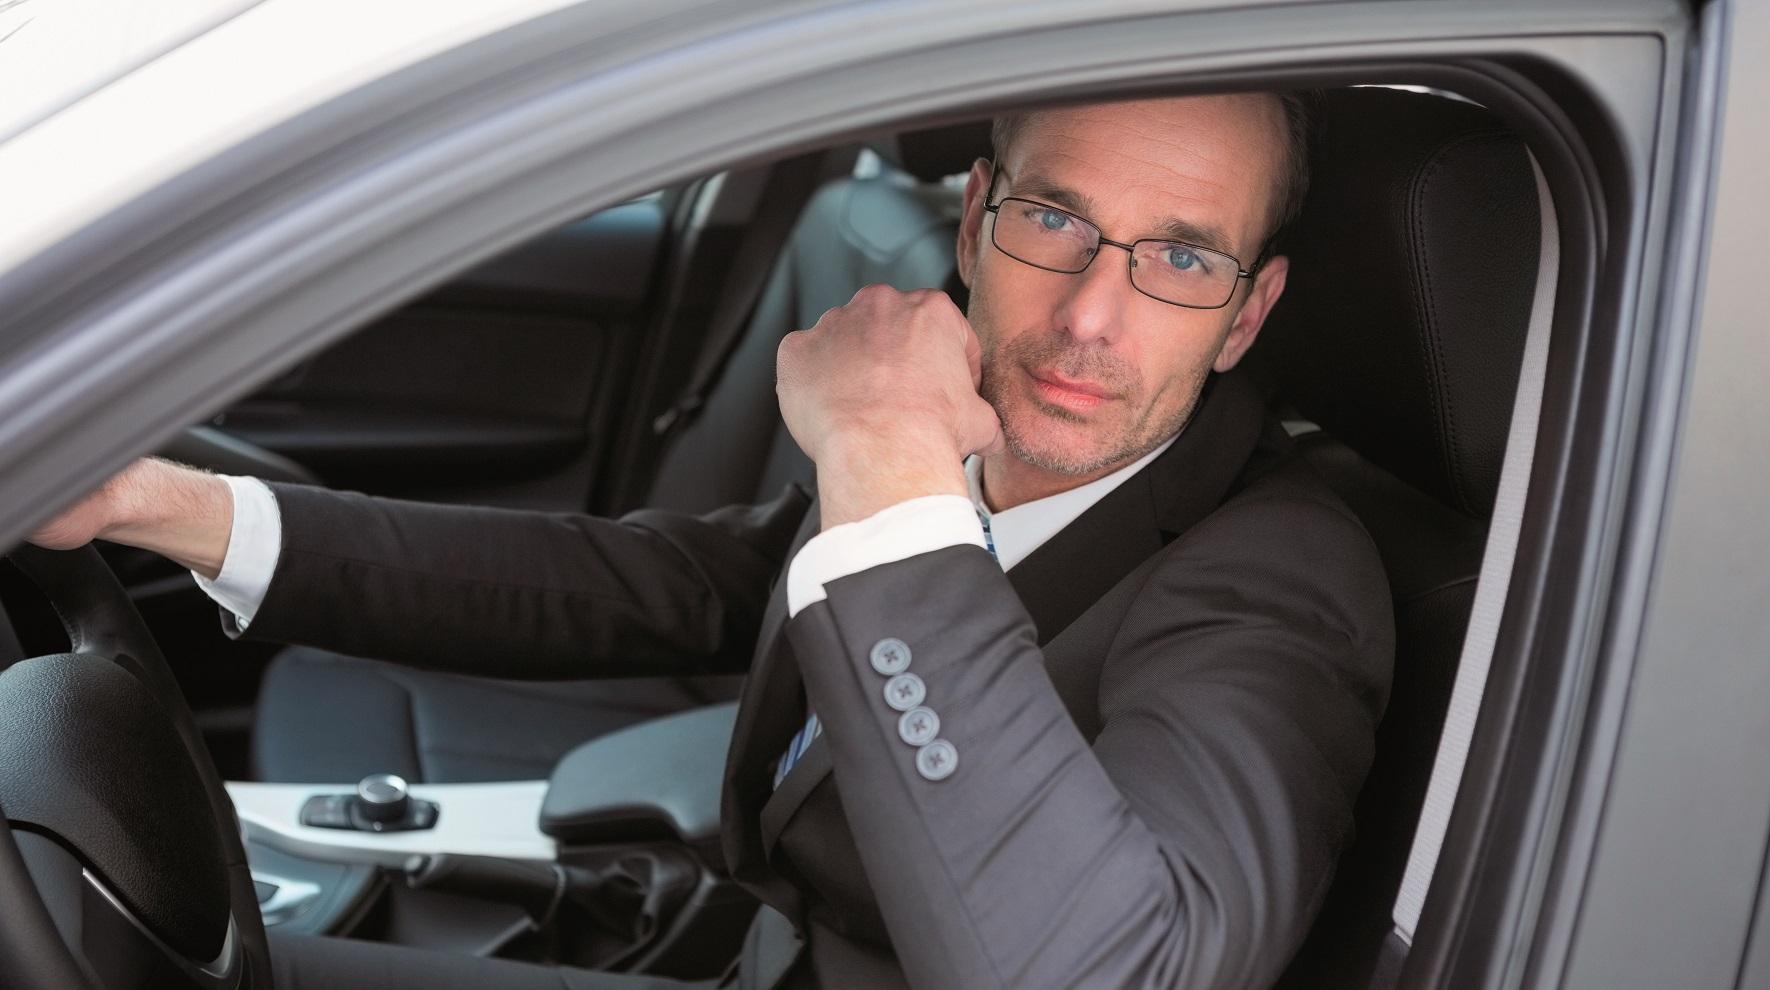 Kontaktlencsés? Szemüveget visel? Miért nem spórol energiát és pénzt századi módon? (X) | hu